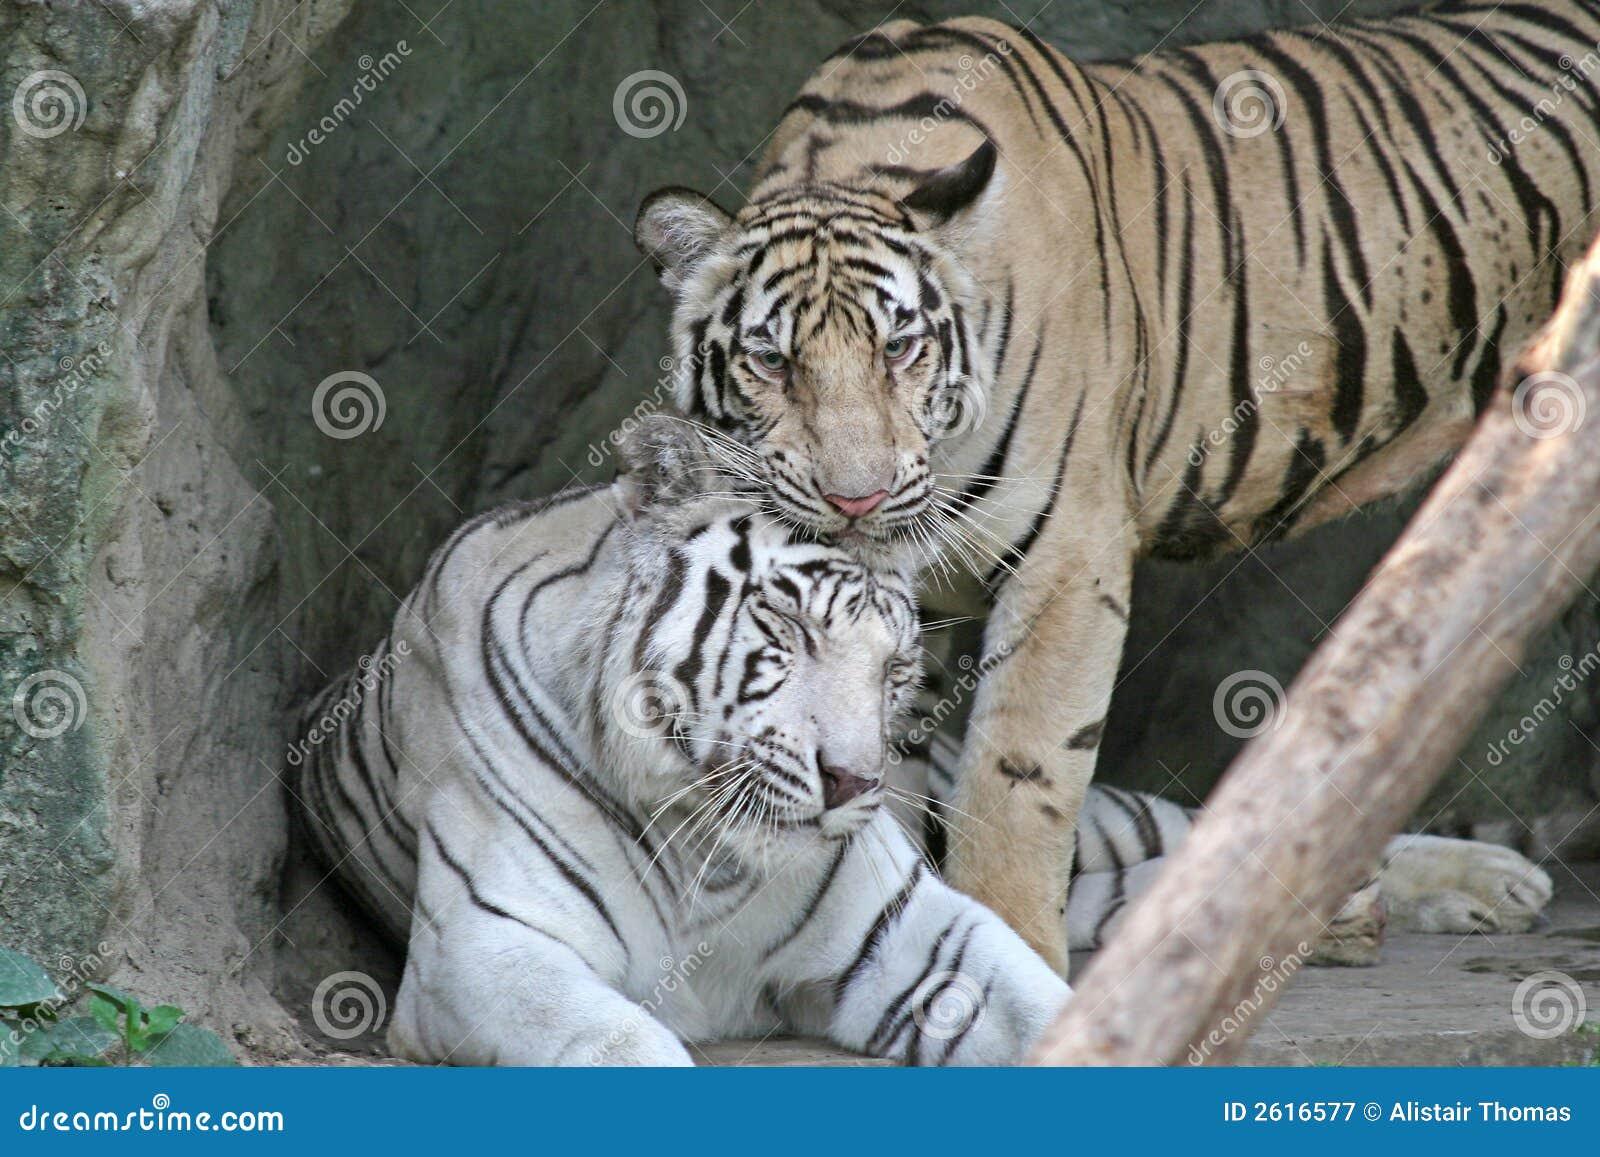 Tigres de bengale photographie stock libre de droits - Images tigres gratuites ...